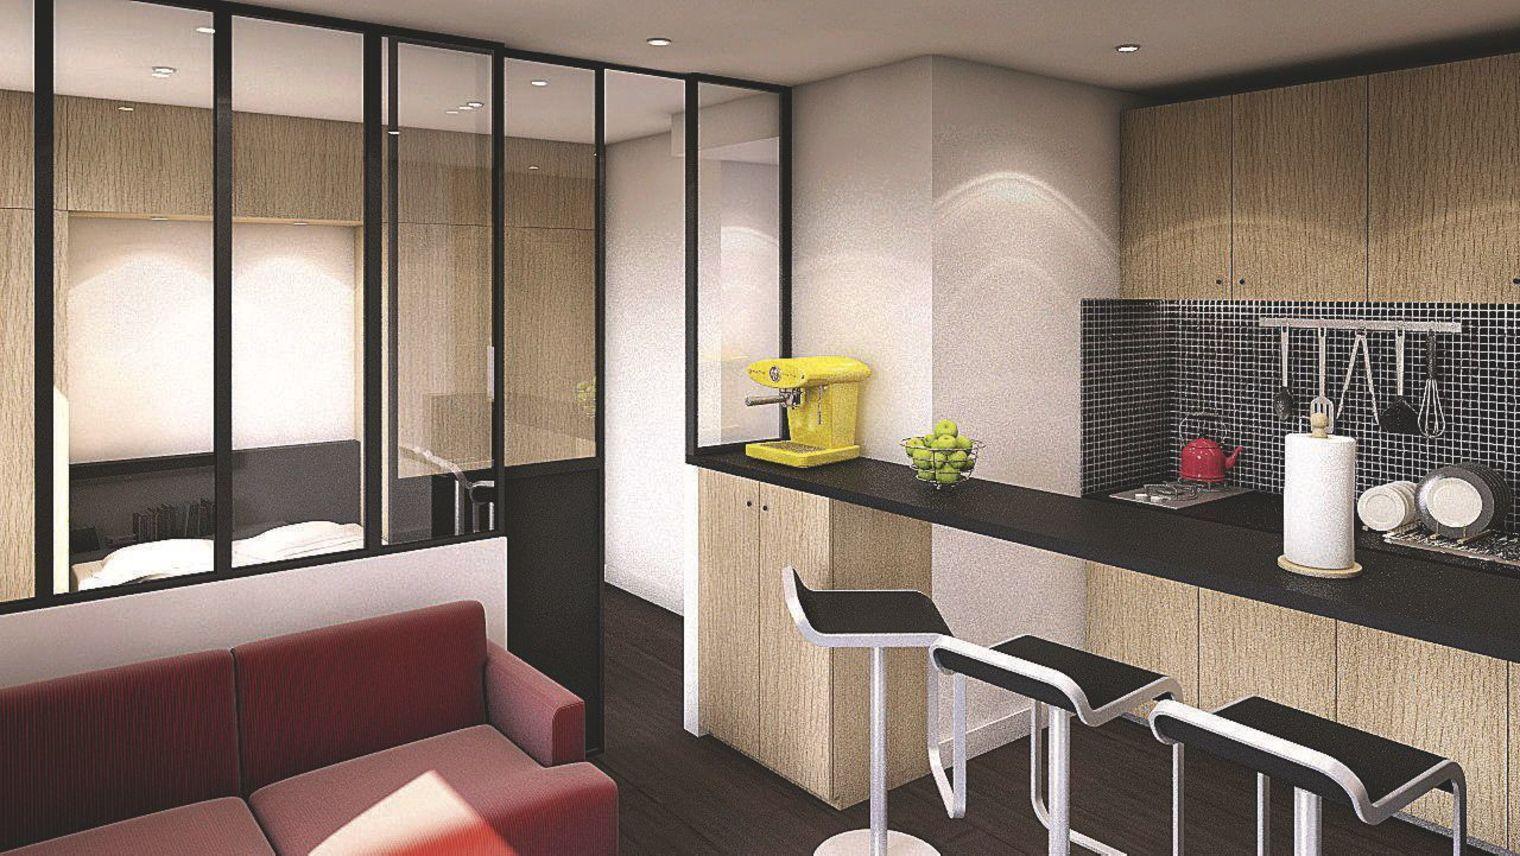 location appartement clermont ferrand j ai c d la. Black Bedroom Furniture Sets. Home Design Ideas